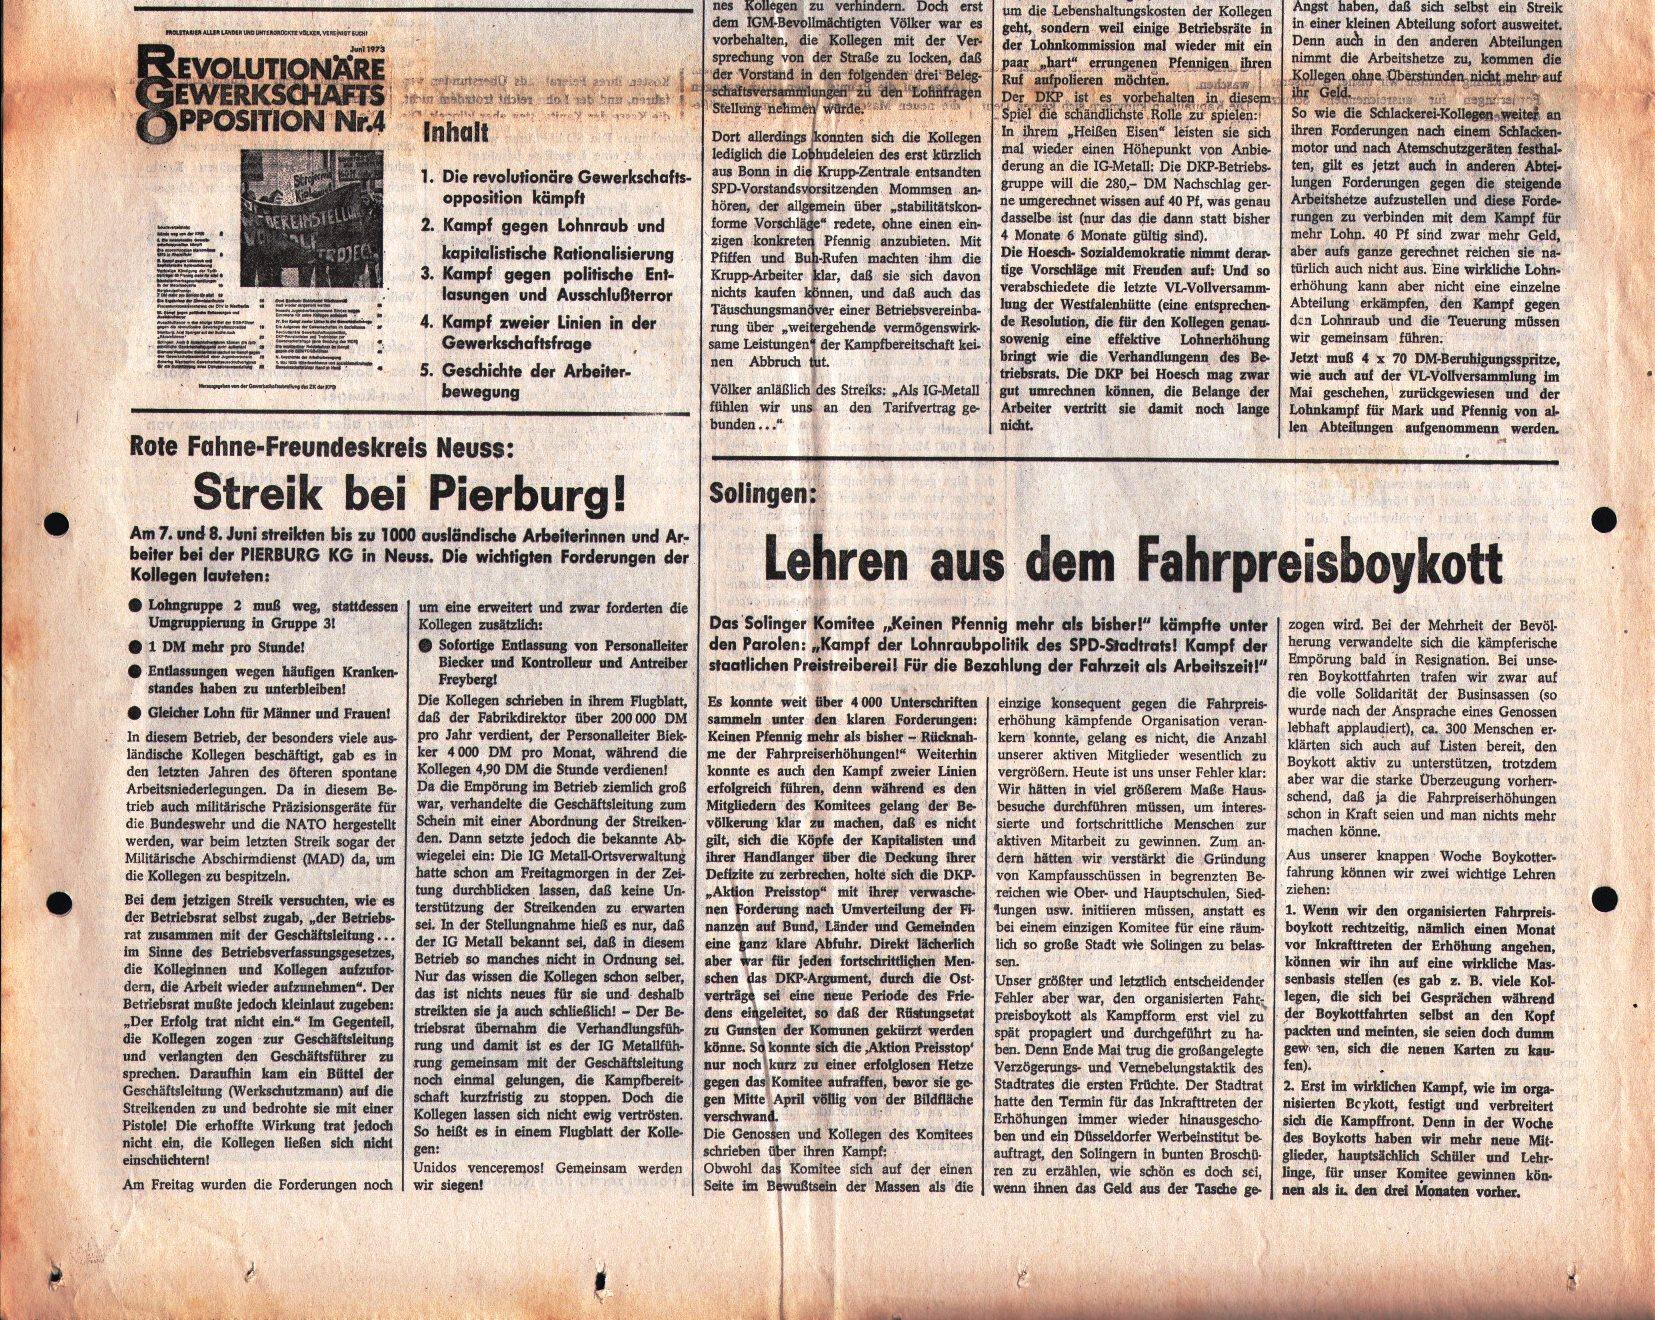 KPD_Rote_Fahne_1973_25_08